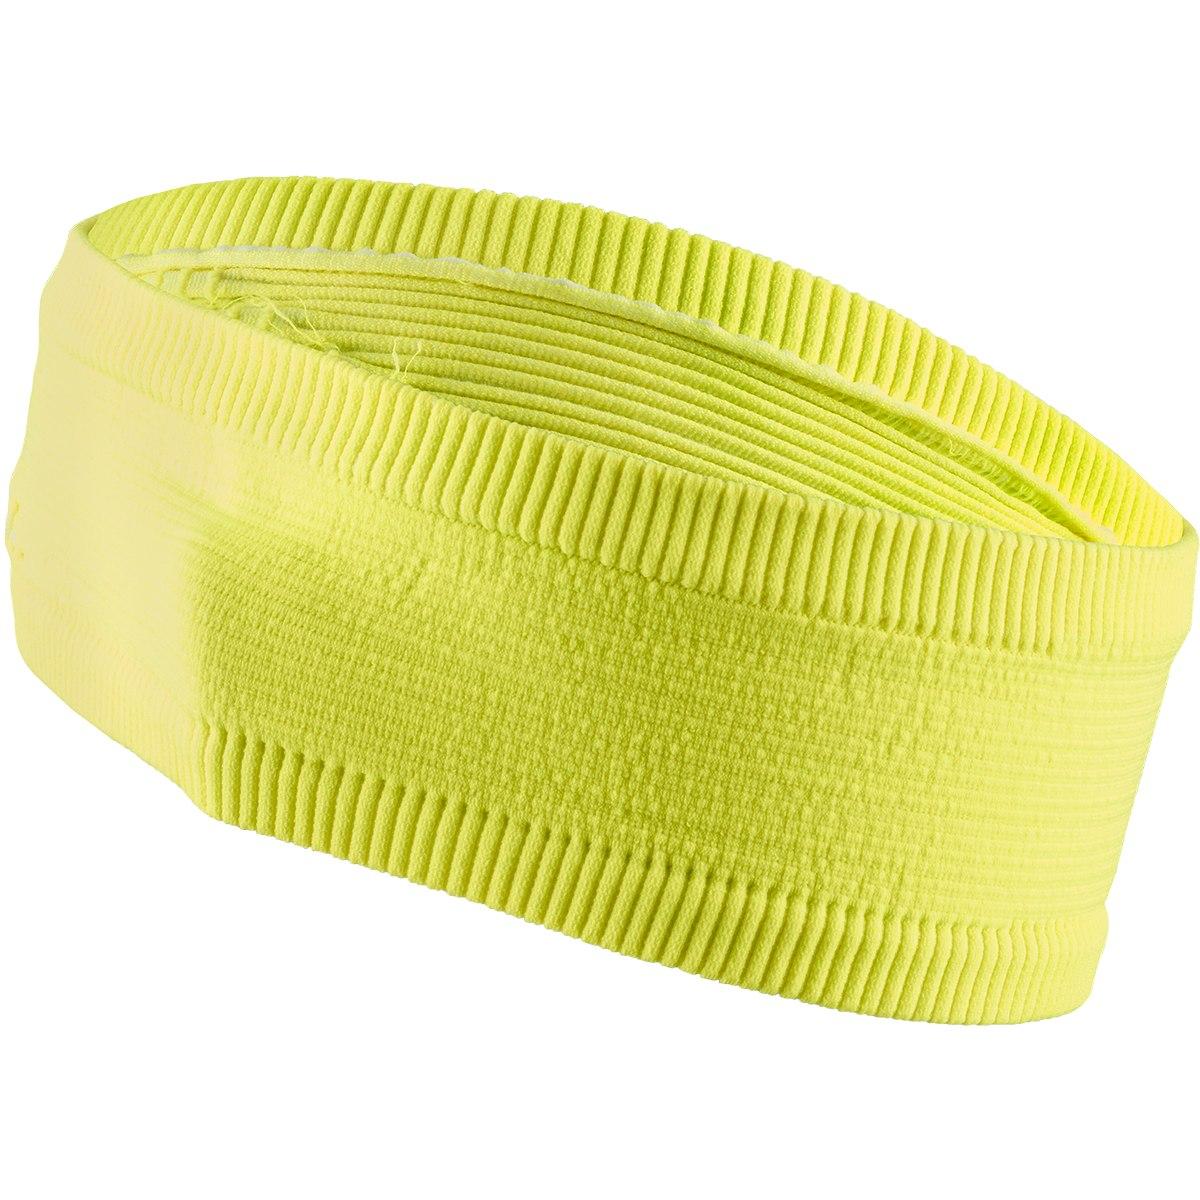 Bild von X-Bionic Headband 4.0 - phyton yellow/arctic white